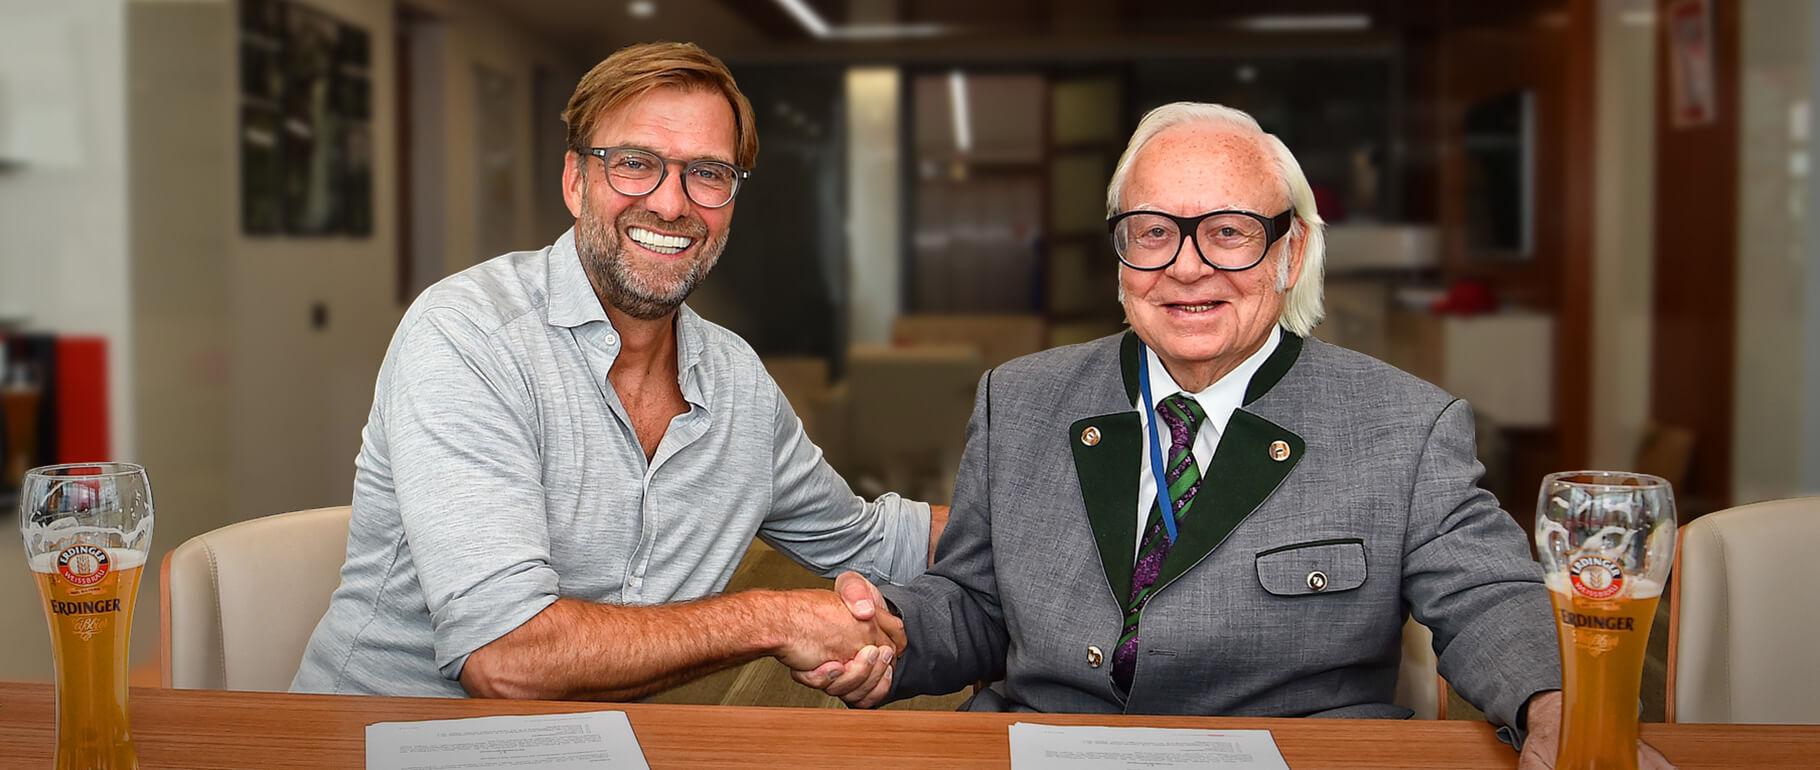 ERDINGER Weißbräu und Jürgen Klopp – das perfect match